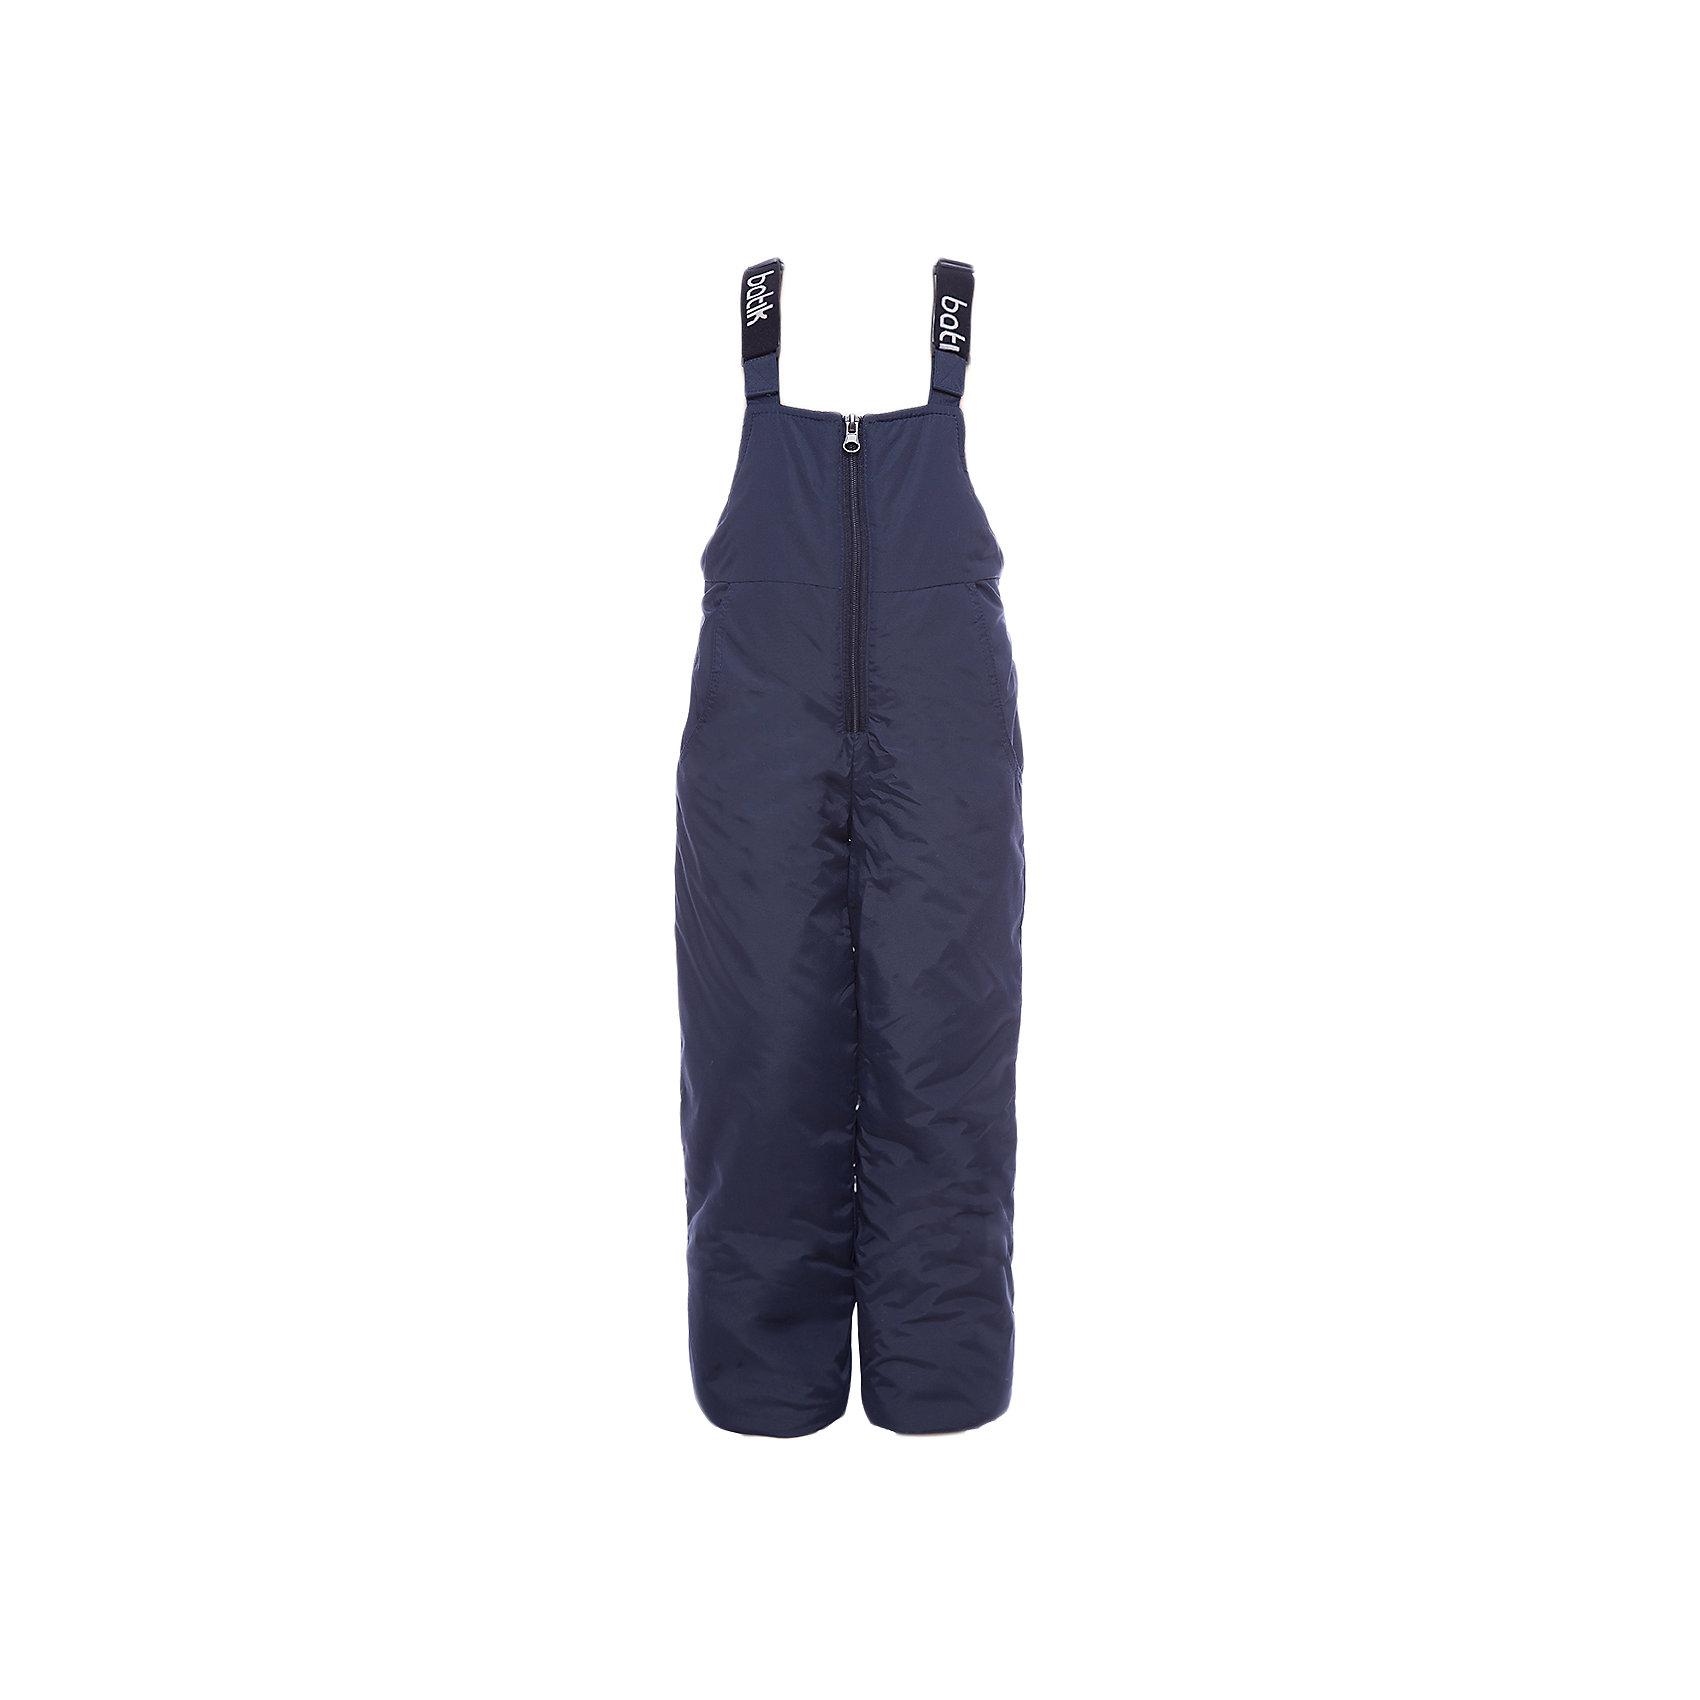 Полукомбинезон Вспышка Batik для мальчикаВерхняя одежда<br>Характеристики товара:<br><br>• цвет: синий<br>• состав ткани: таслан<br>• подкладка: полиэстер<br>• утеплитель: слайтекс<br>• сезон: зима<br>• мембранное покрытие<br>• температурный режим: от -35 до 0<br>• водонепроницаемость: 5000 мм <br>• паропроницаемость: 5000 г/м2<br>• плотность утеплителя: 200 г/м2<br>• застежка: молния<br>• лямки регулируются<br>• страна бренда: Россия<br>• страна изготовитель: Россия<br><br>Детский полукомбинезон сделан из прочного материала и теплого наполнителя. Этот зимний полукомбинезон дополнен удобными регулирующимися лямками. Обеспечить ребенку в холода защиту от ветра и мороза поможет зимний мембранный полукомбинезон. С полукомбинезона для мальчика легко удаляются загрязнения. <br><br>Полукомбинезон Вспышка Batik (Батик) для мальчика можно купить в нашем интернет-магазине.<br><br>Ширина мм: 215<br>Глубина мм: 88<br>Высота мм: 191<br>Вес г: 336<br>Цвет: темно-синий<br>Возраст от месяцев: 108<br>Возраст до месяцев: 120<br>Пол: Мужской<br>Возраст: Детский<br>Размер: 140,98,104,110,116,122,128,134<br>SKU: 7028536